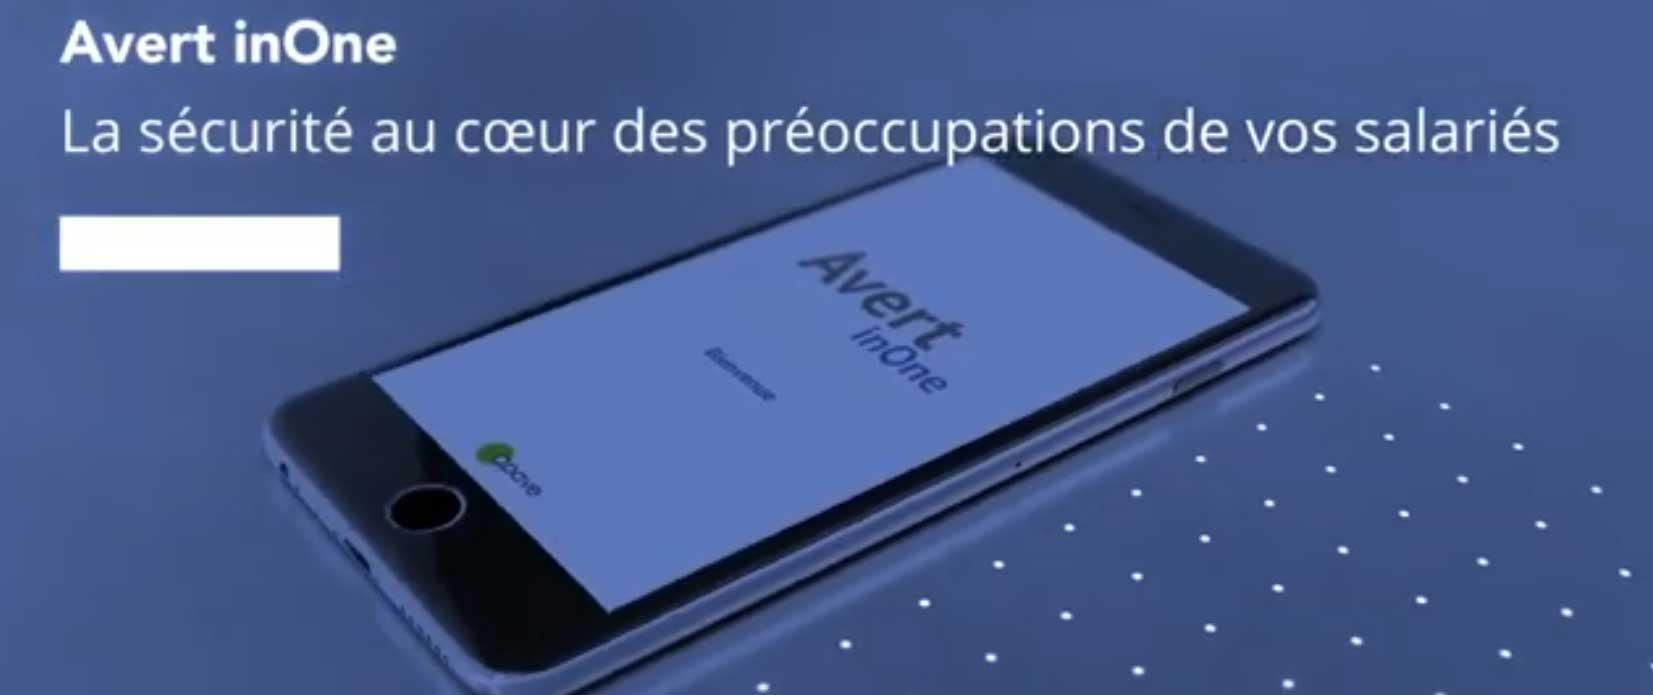 Une application mobile innovante pour faire remonter les situations dangereuses